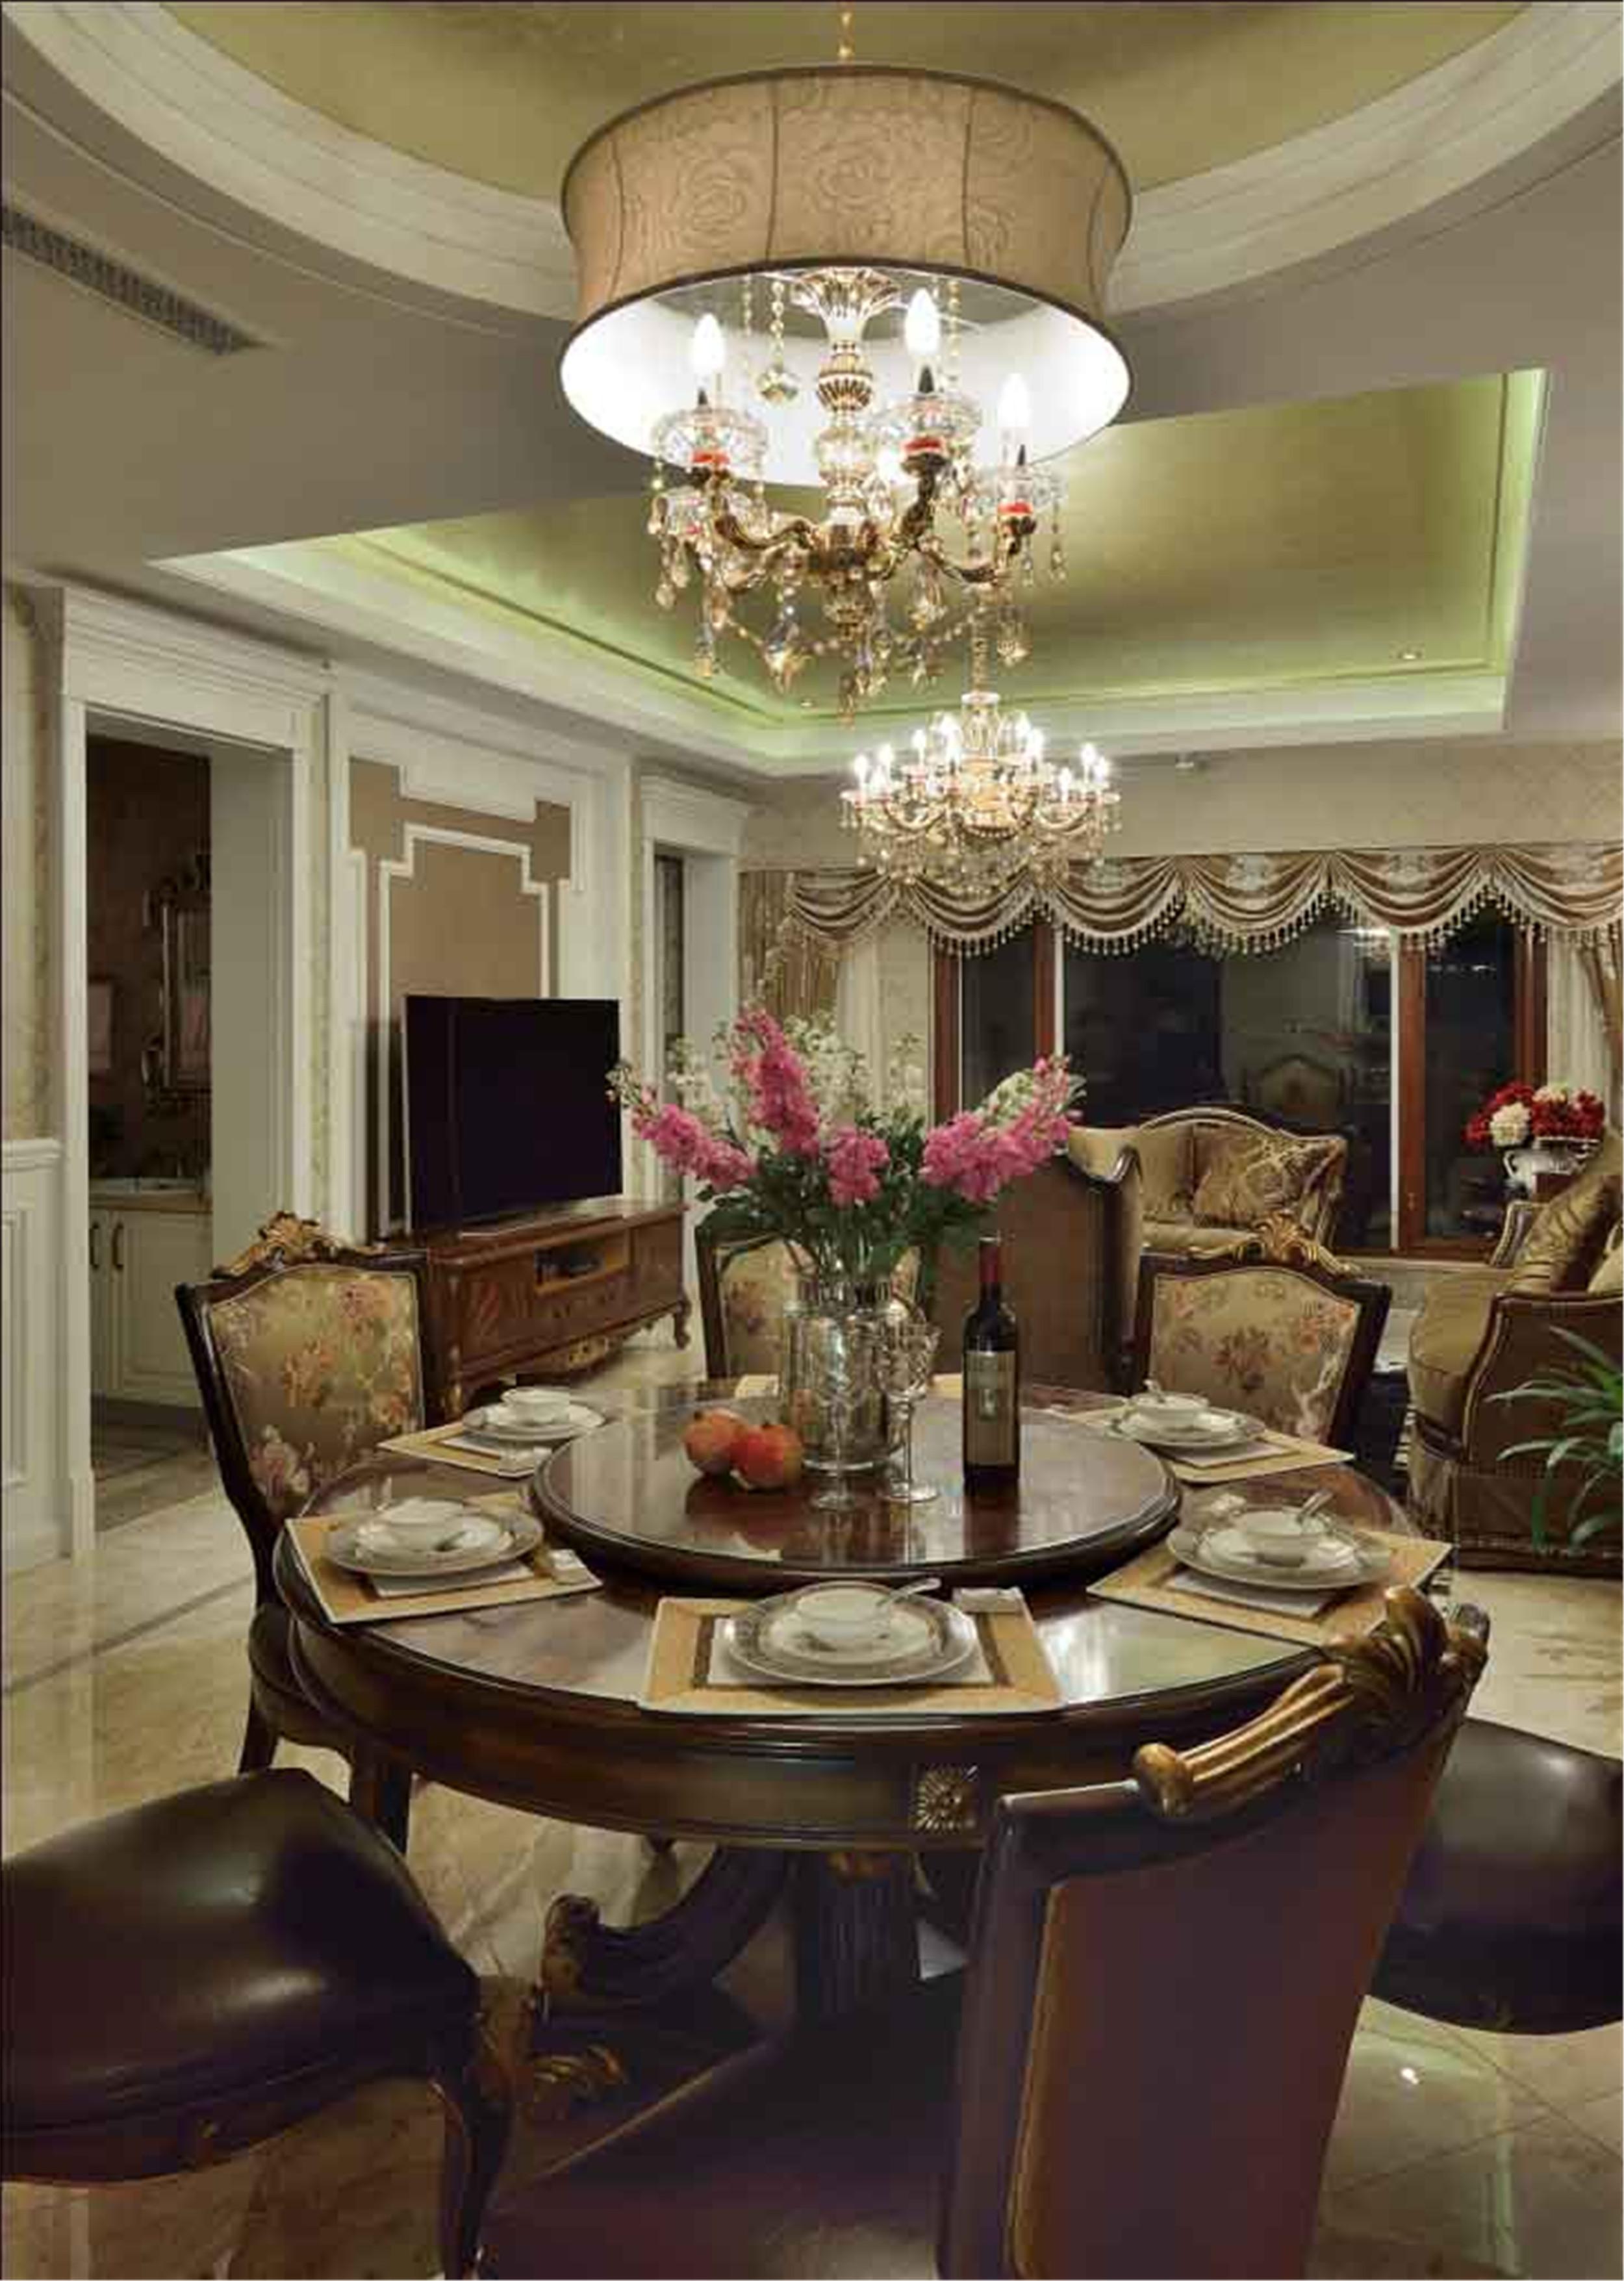 高雅奢华欧式别墅装修餐厅设计图